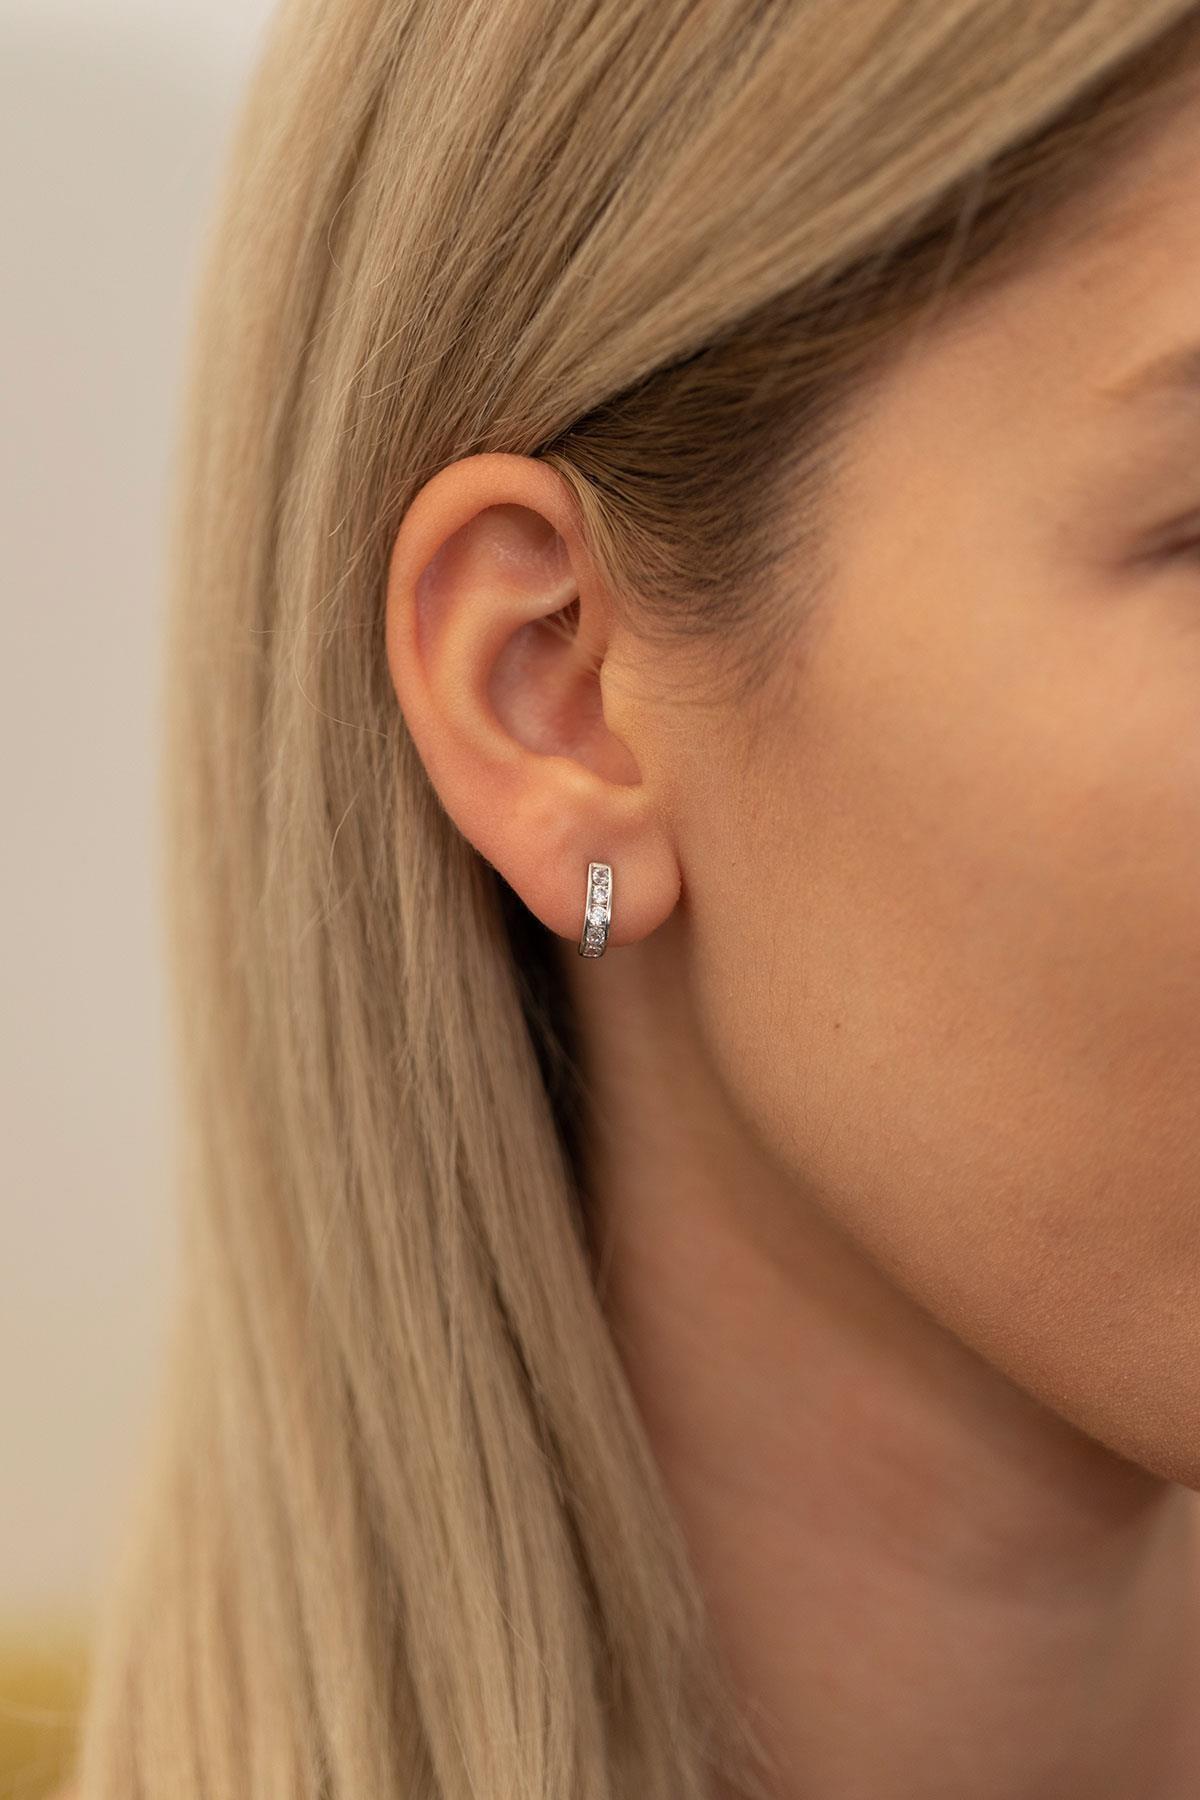 İzla Design Kadın Zirkon Taşlı Gümüş İtalyan Küpe PKT-TLYSLVR0088 1